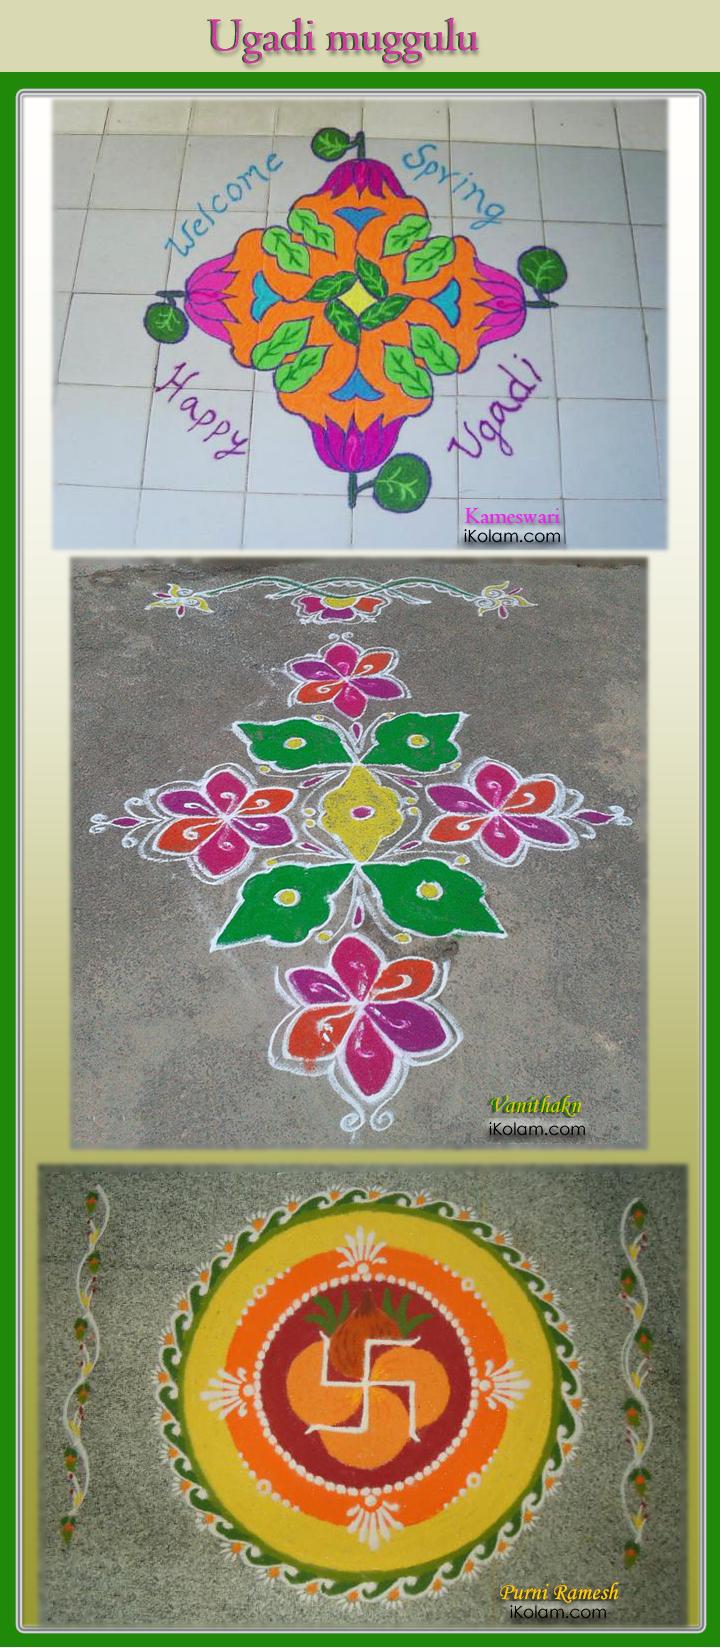 Ugadi rangoli designs from iKolam.com - ugadi-muggulu-happy-ugadi.png